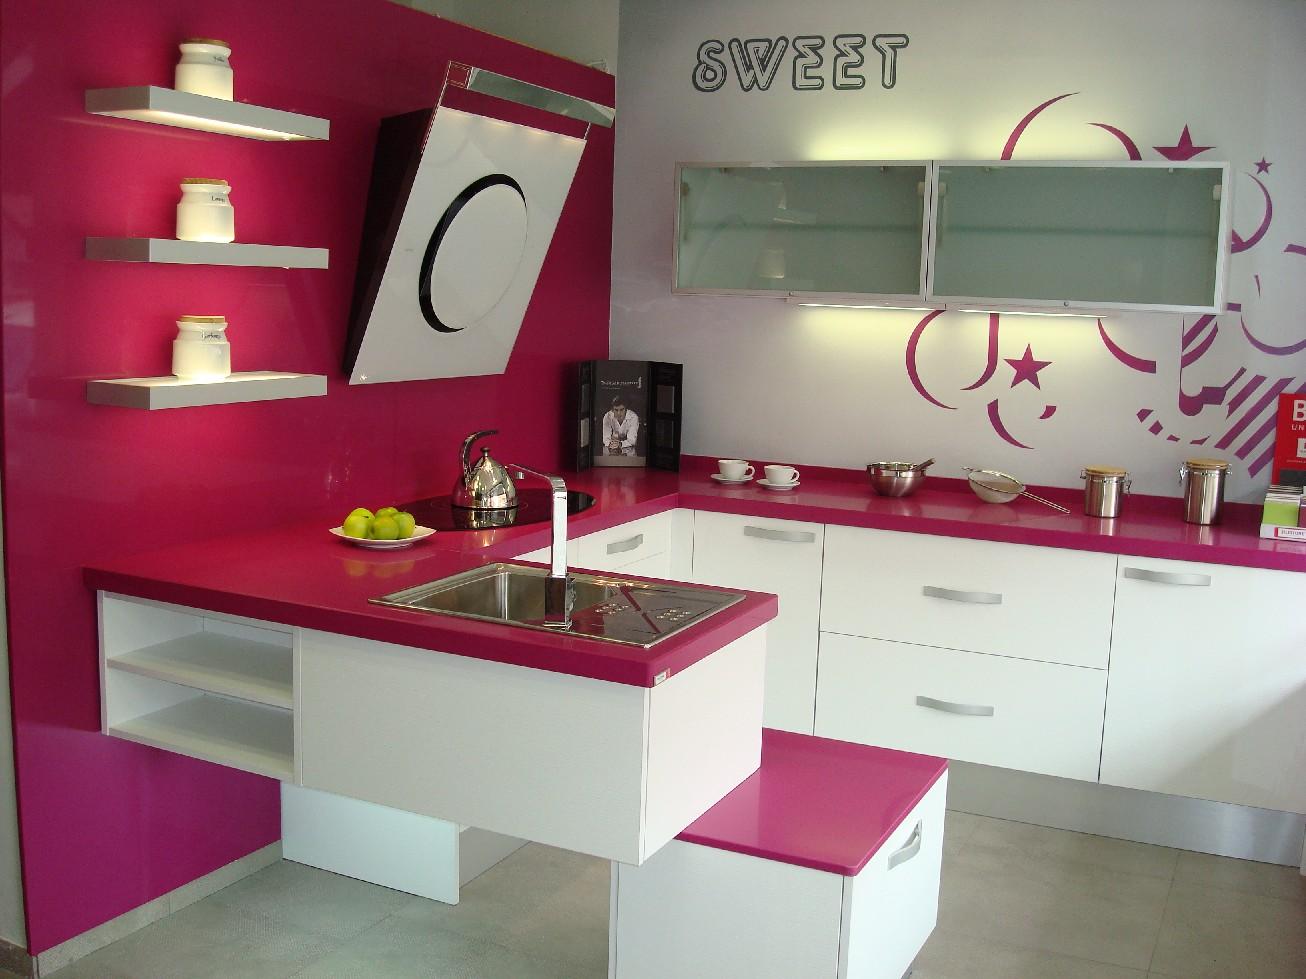 Cocina fucsia linea 3 cocinas - Cocinas rosa fucsia ...